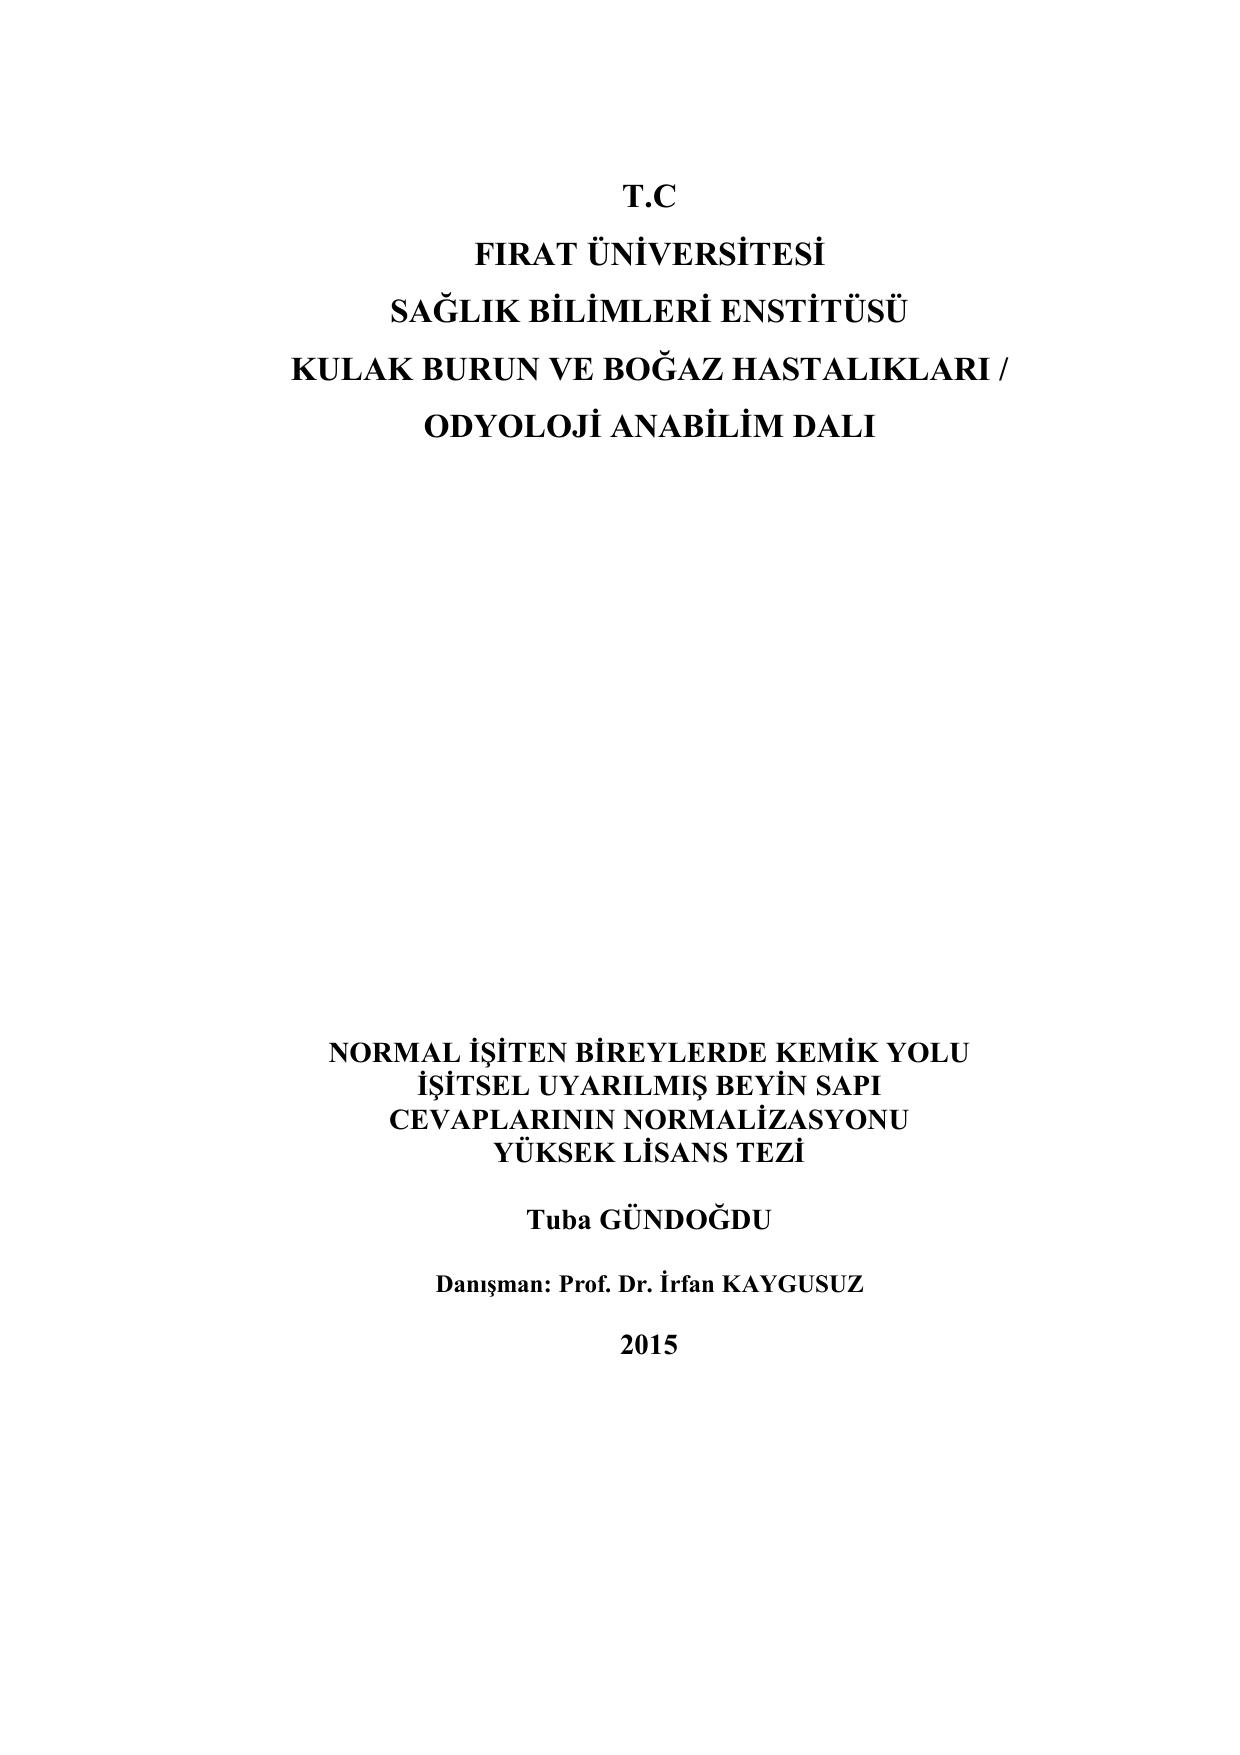 Soğuk avokado karışımı ile Etiketlenen Konular 79